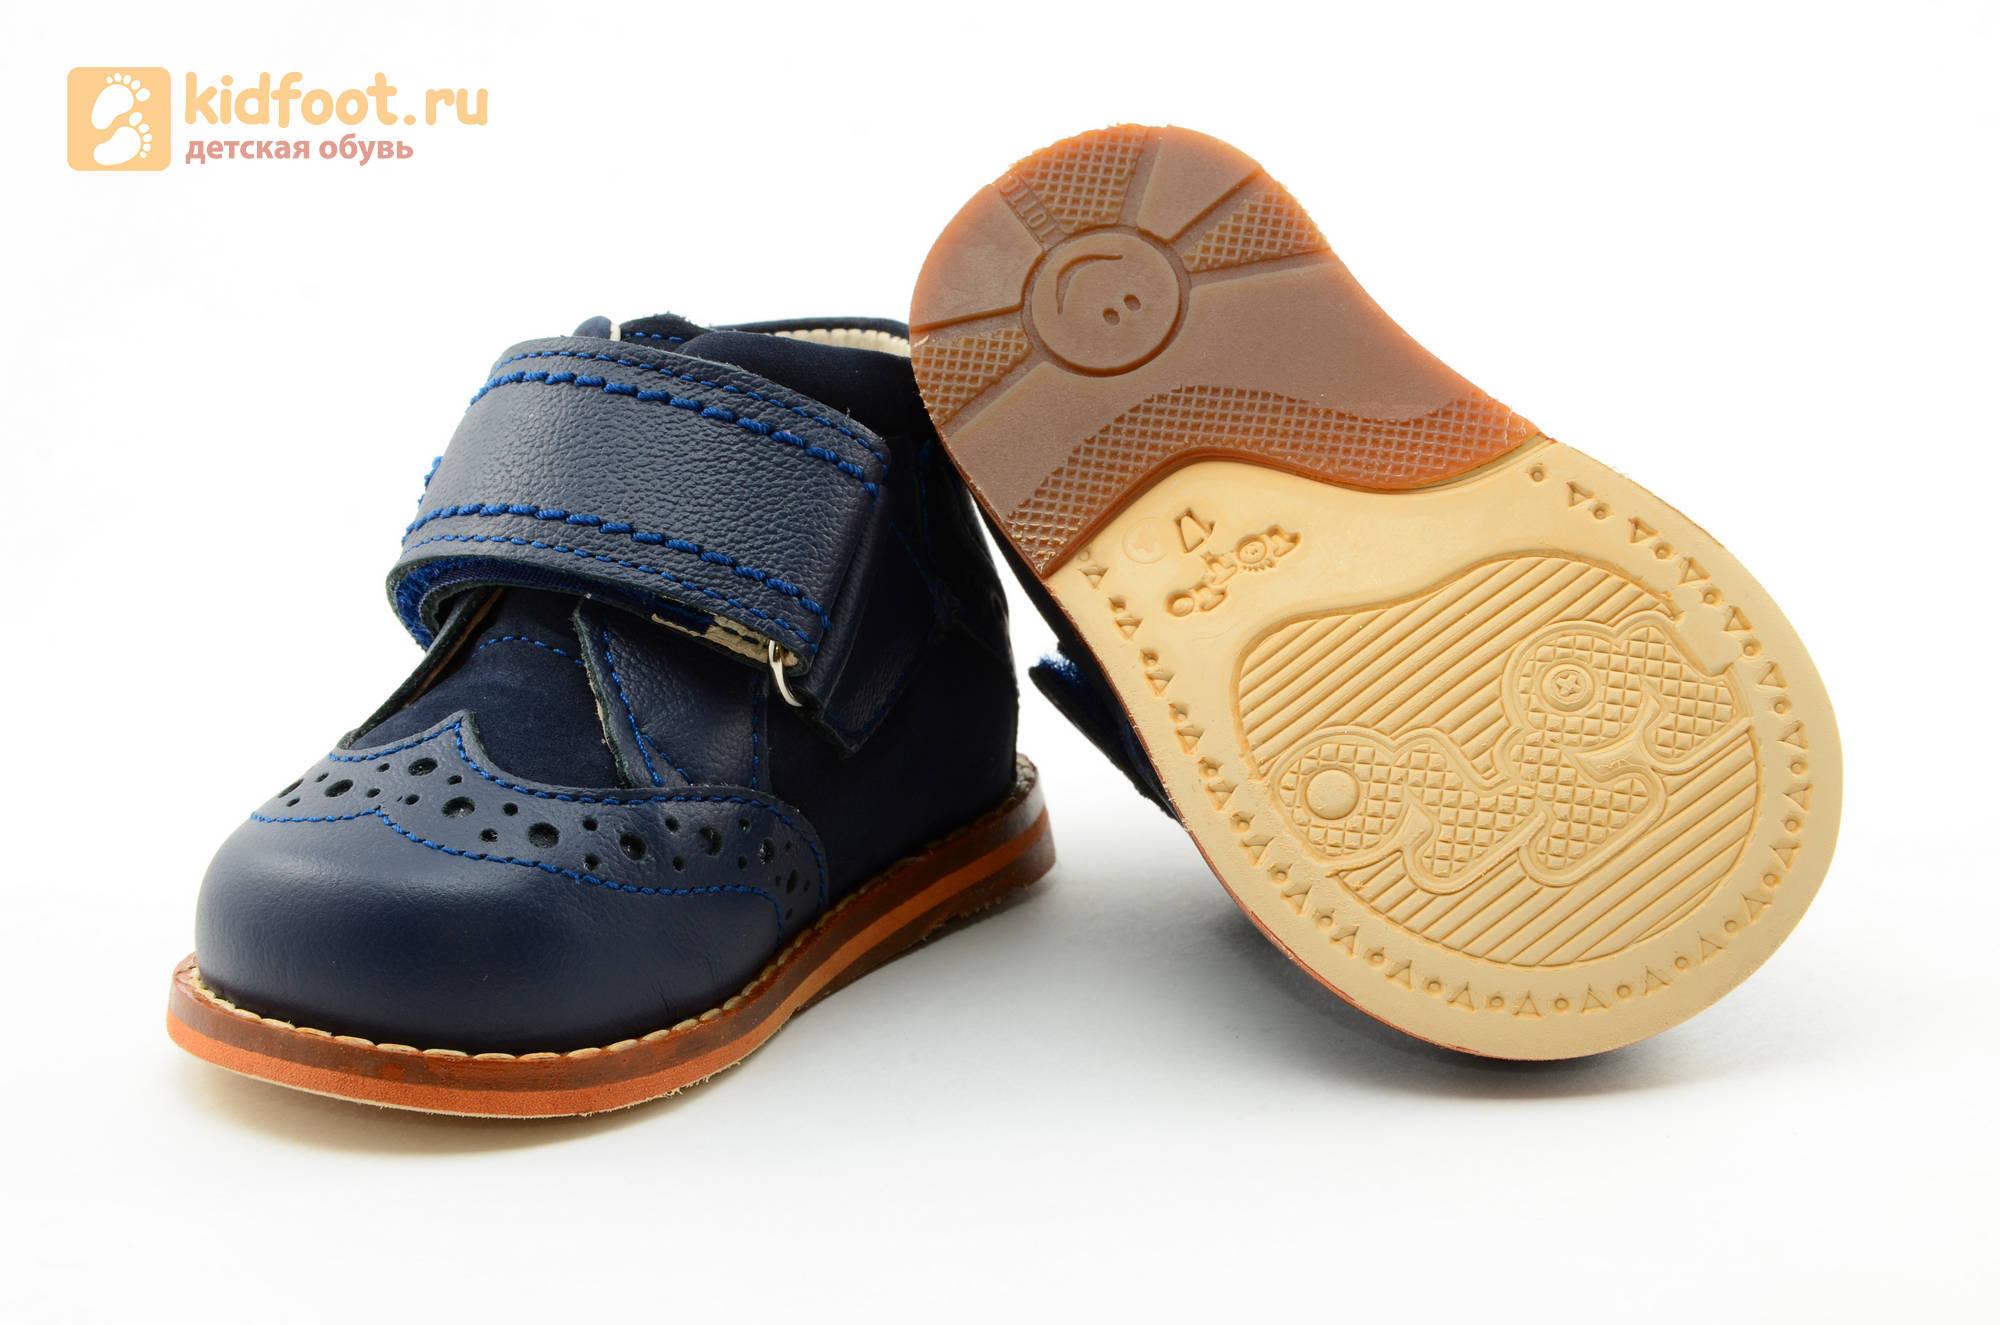 Кожаная детская обувь